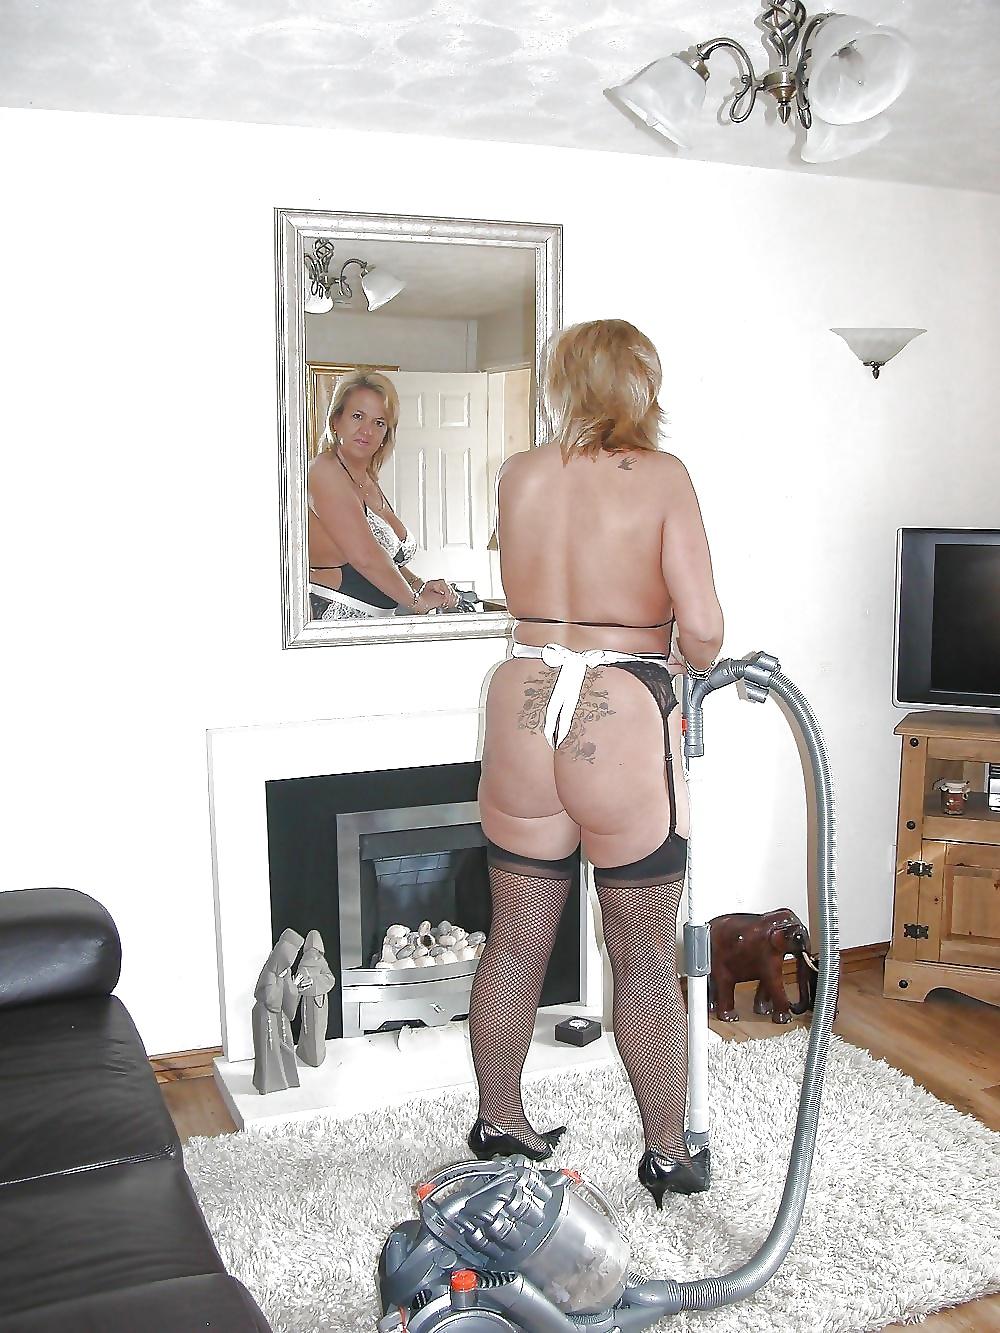 Man Surprised By His Housekeeper Working Nude